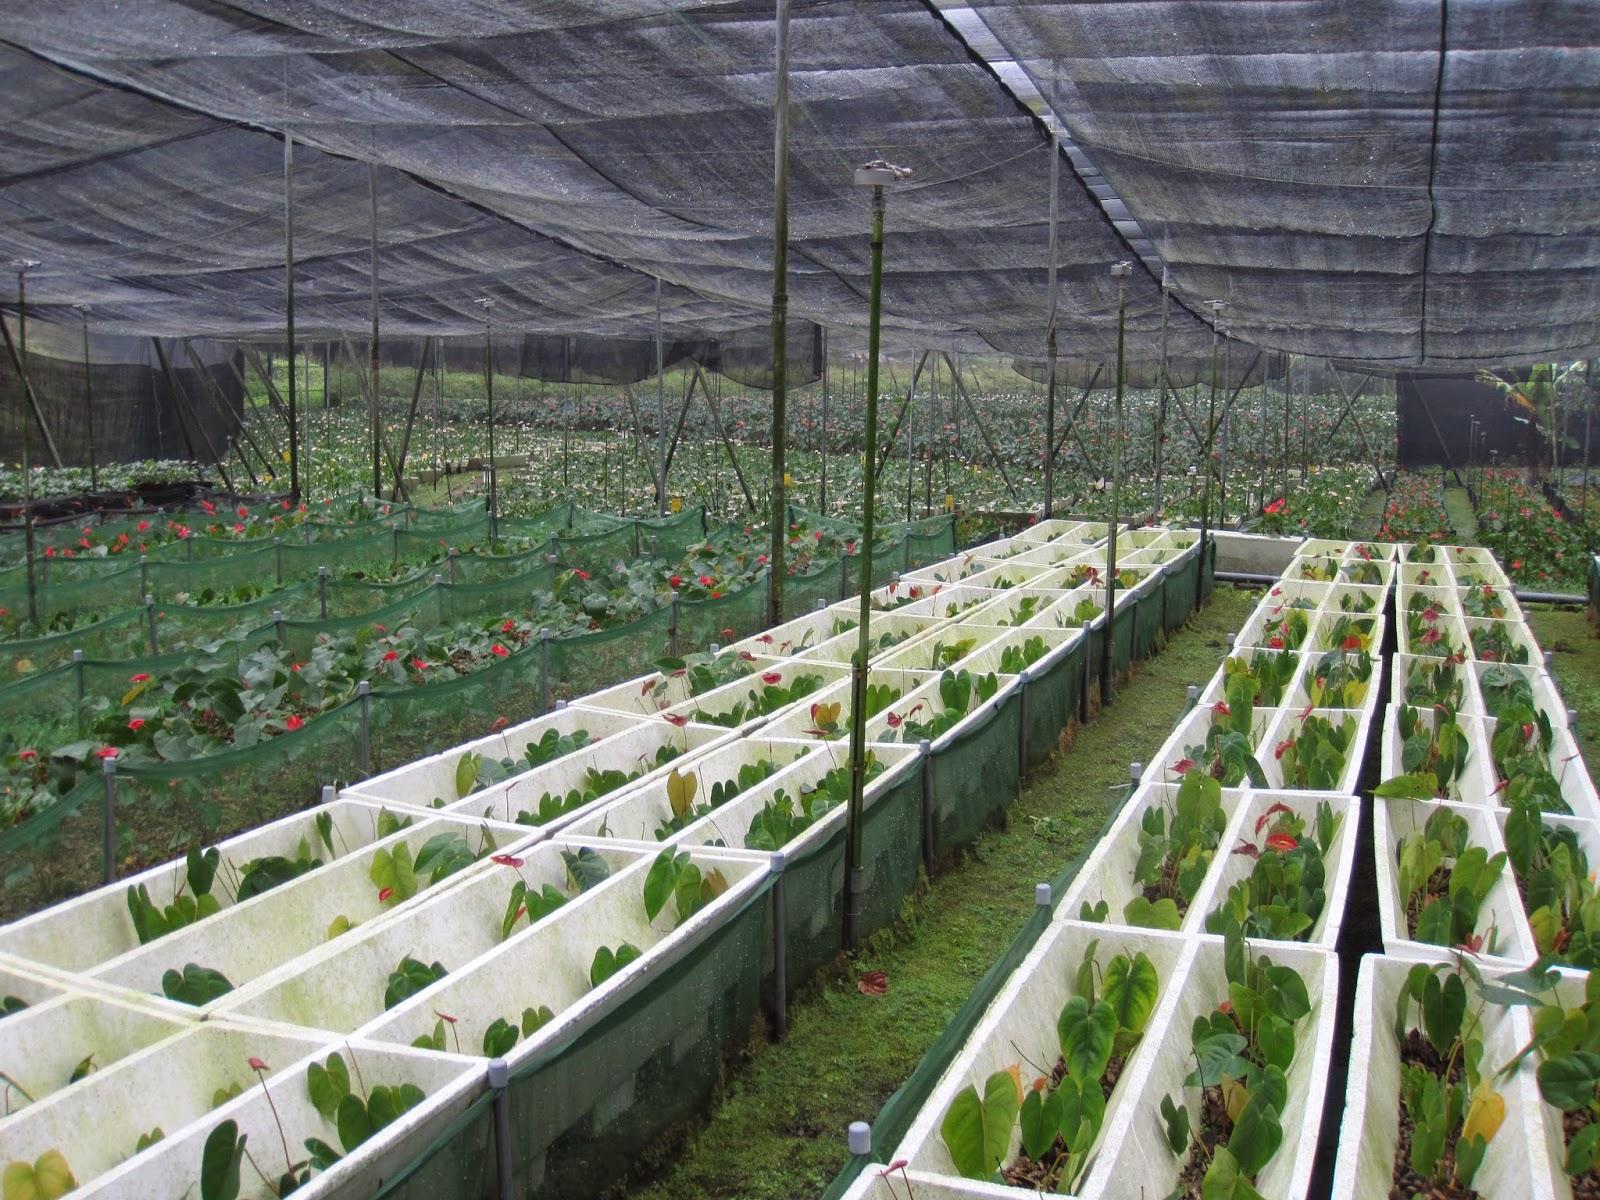 Estudiando agricultura en taiw n c scara de man for Estructura vivero